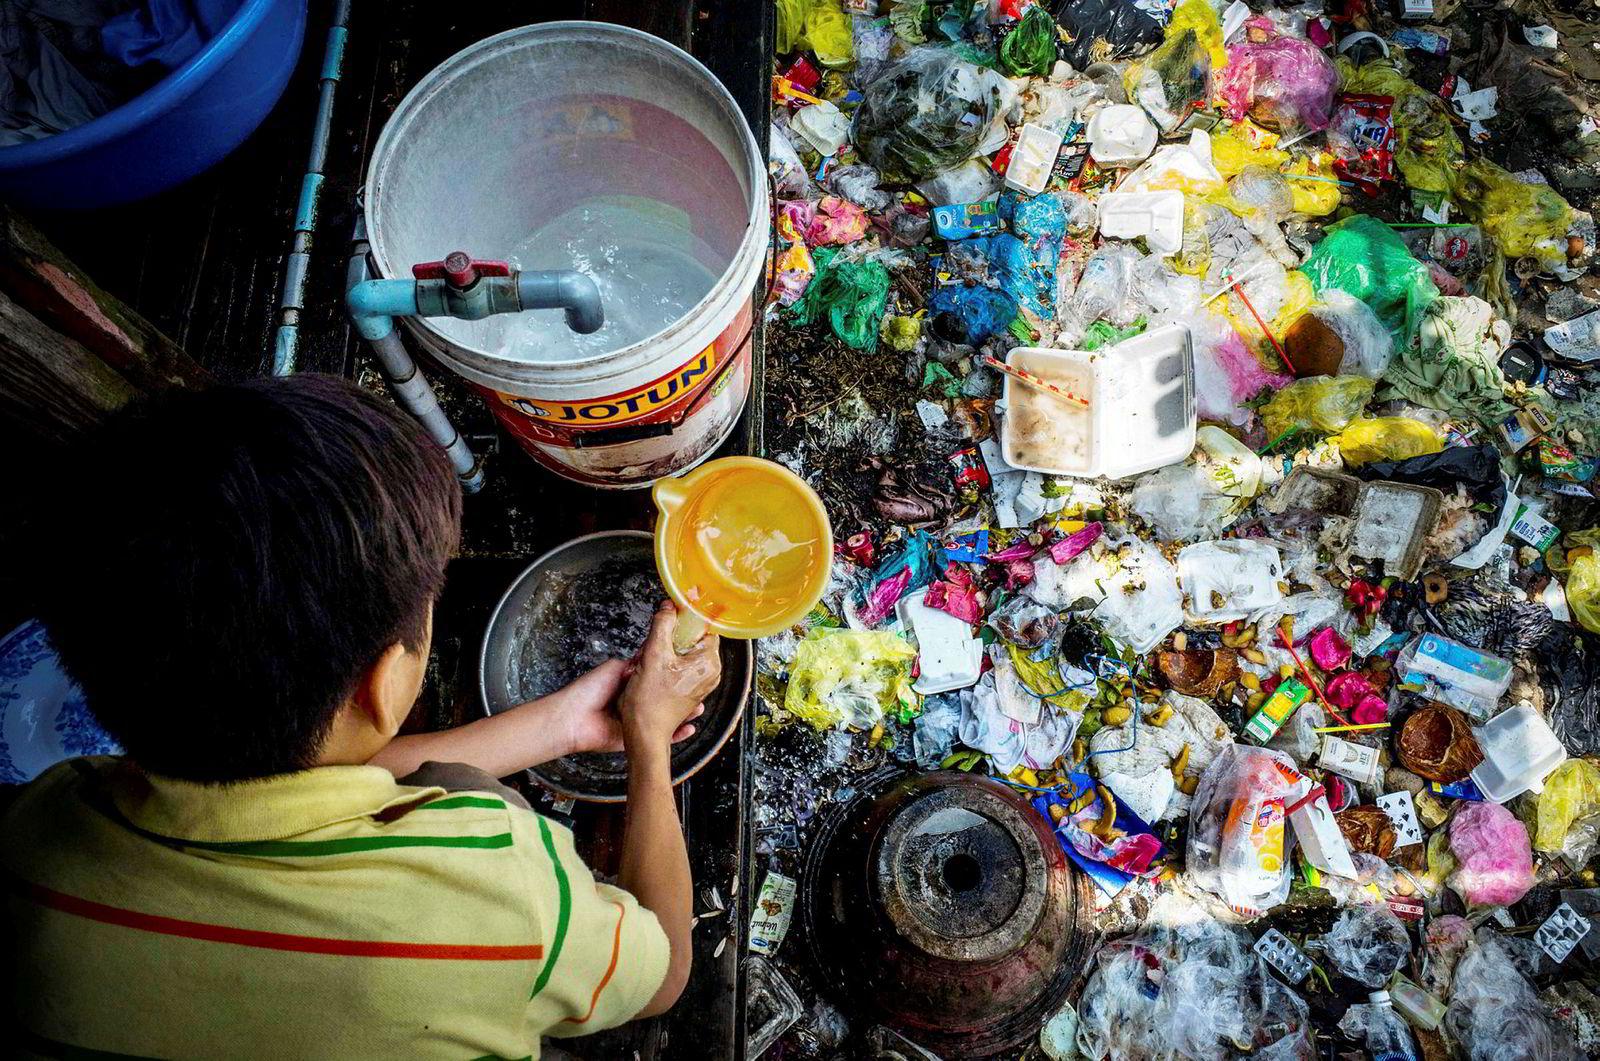 En gutt tar oppvasken ved elvebredden o Xuyen Tam-kanalen. Forurensing og søppel er et stort problem i elveområdene i Ho Chi Minh.